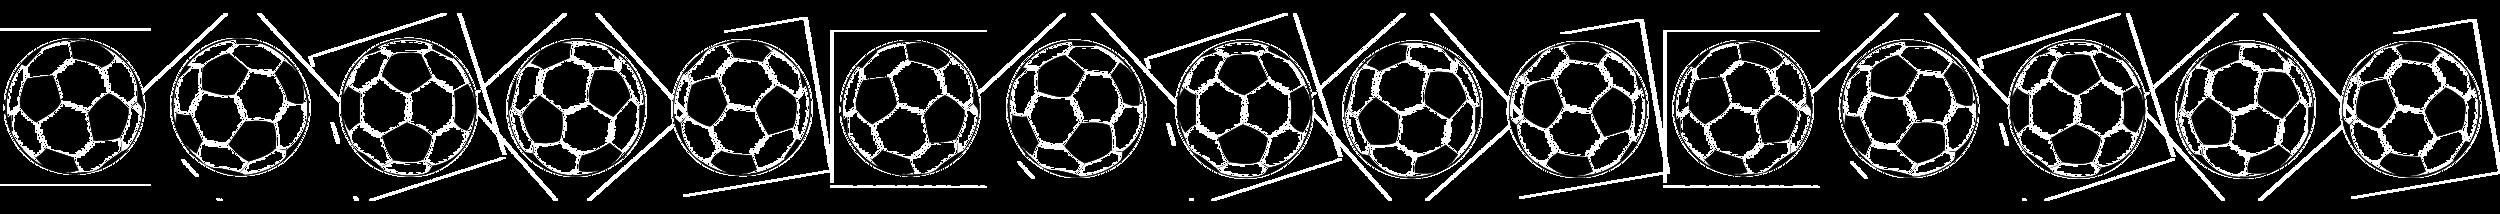 fotbolls.png